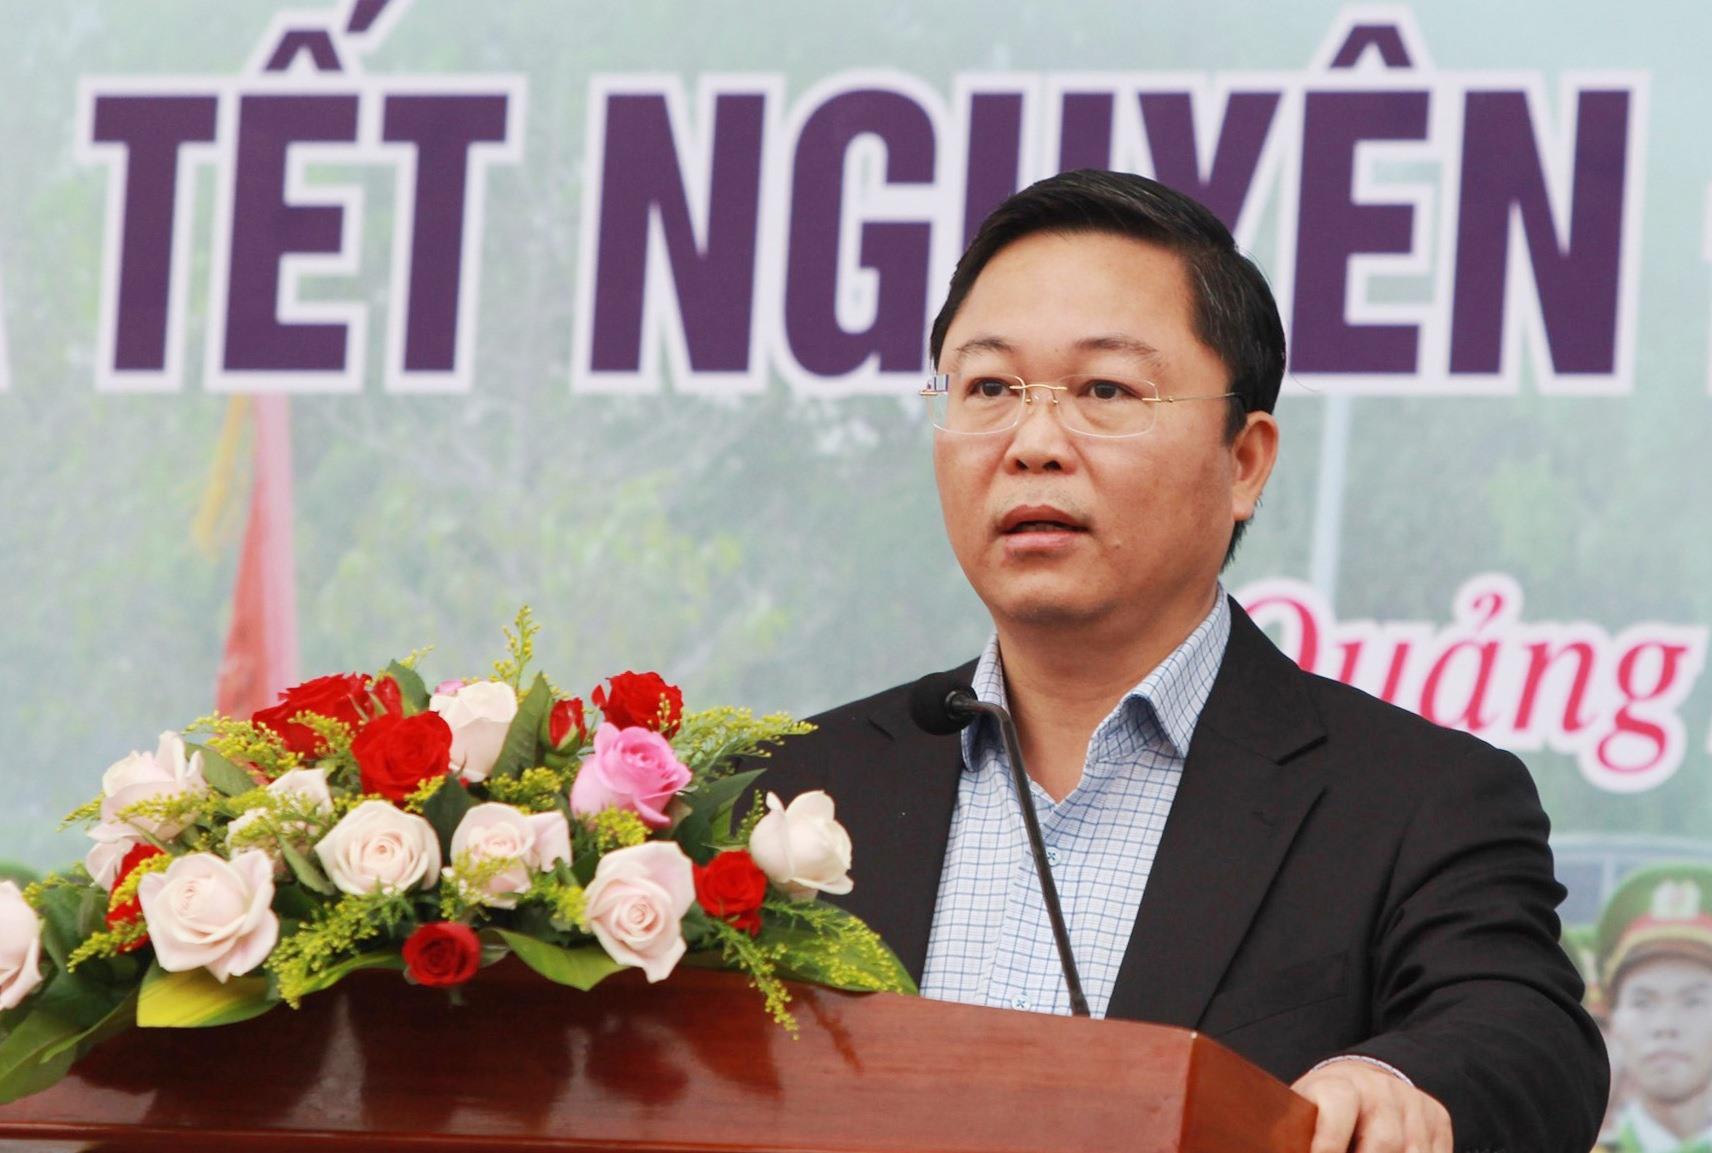 Chủ tịch UBND tỉnh Lê Trí Thanh phát biểu tại buổi ra quân. Ảnh: T.C